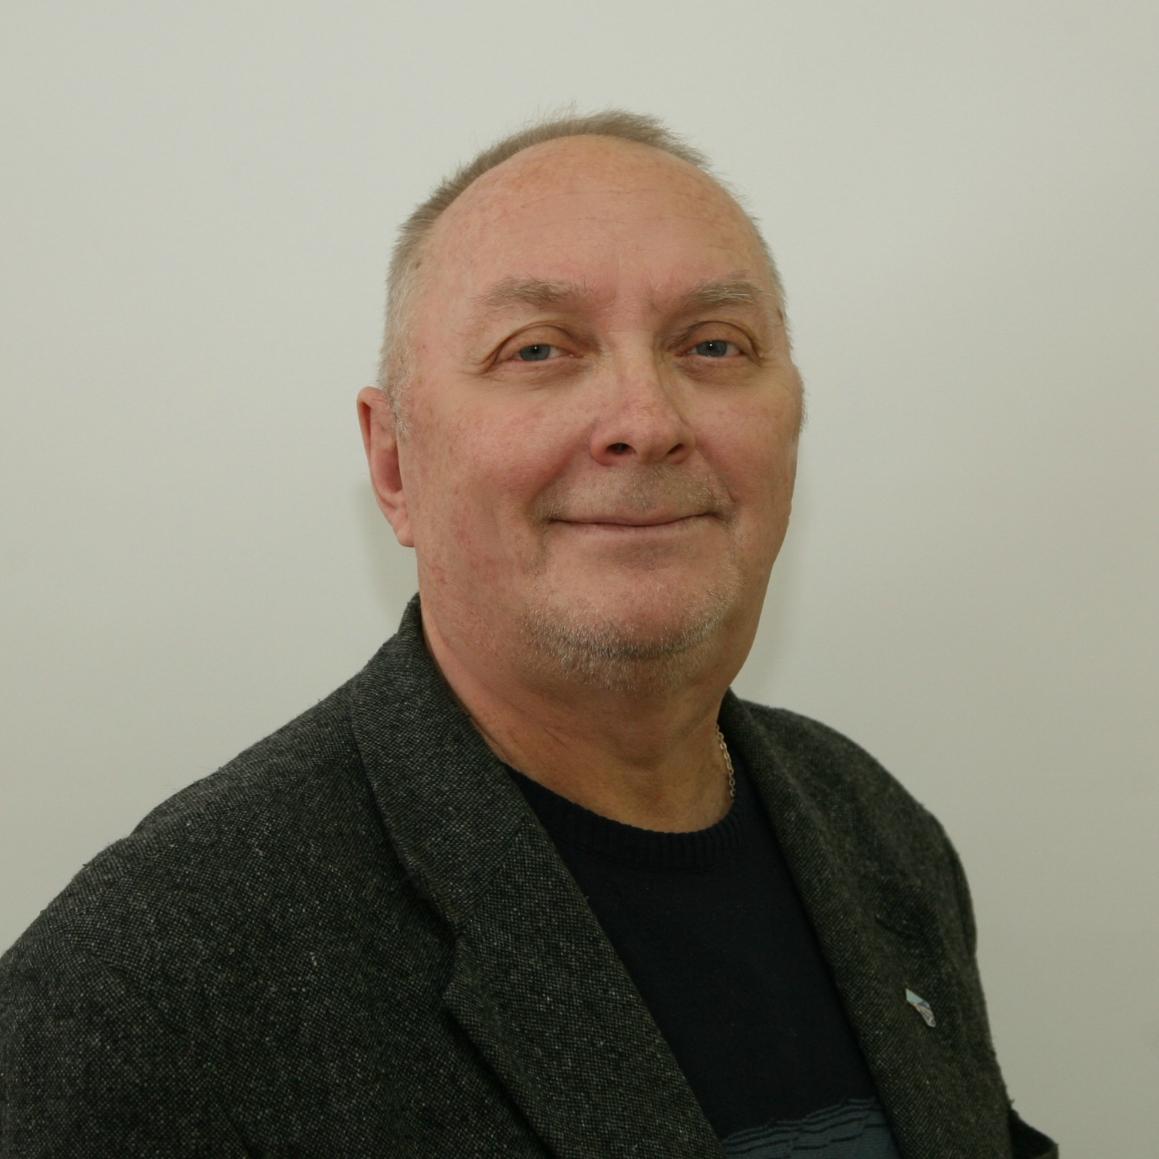 Емельяшин Валерий Павлович